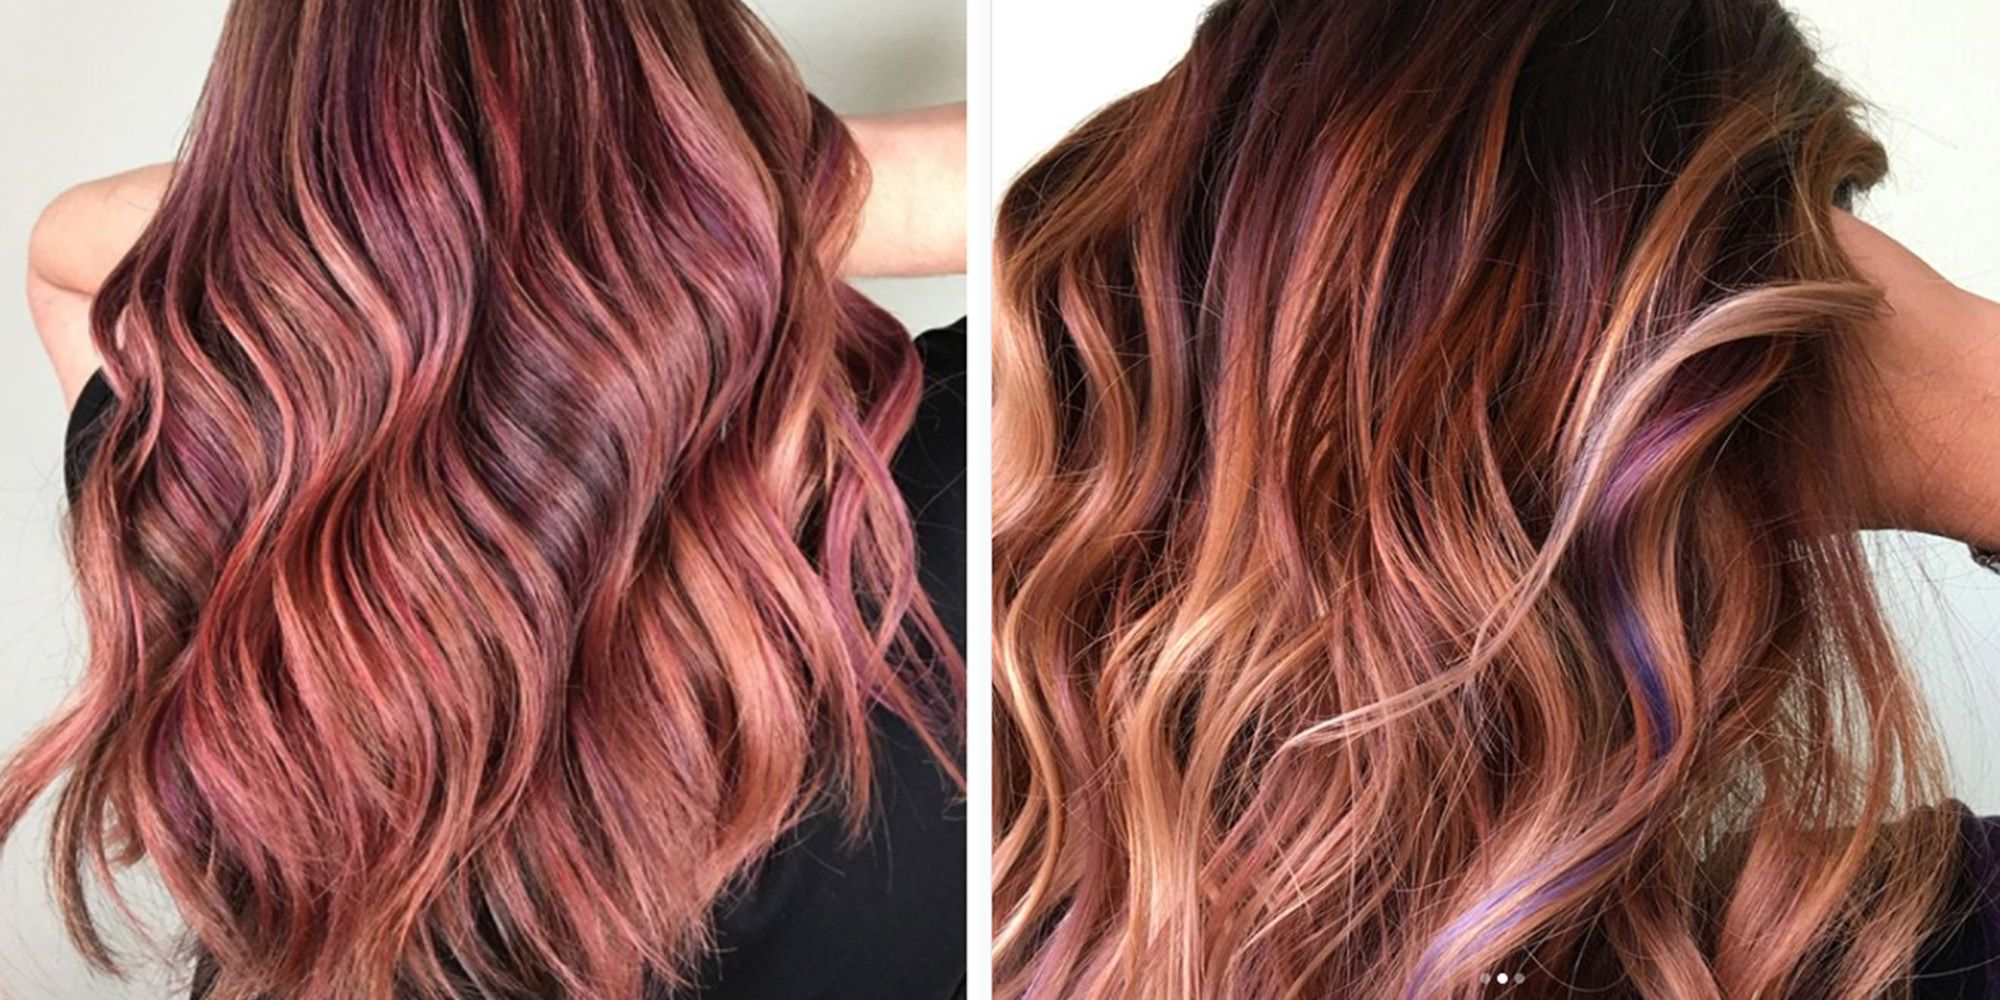 Fruit Juice Hair Is Springs Newest Hair Color Trend